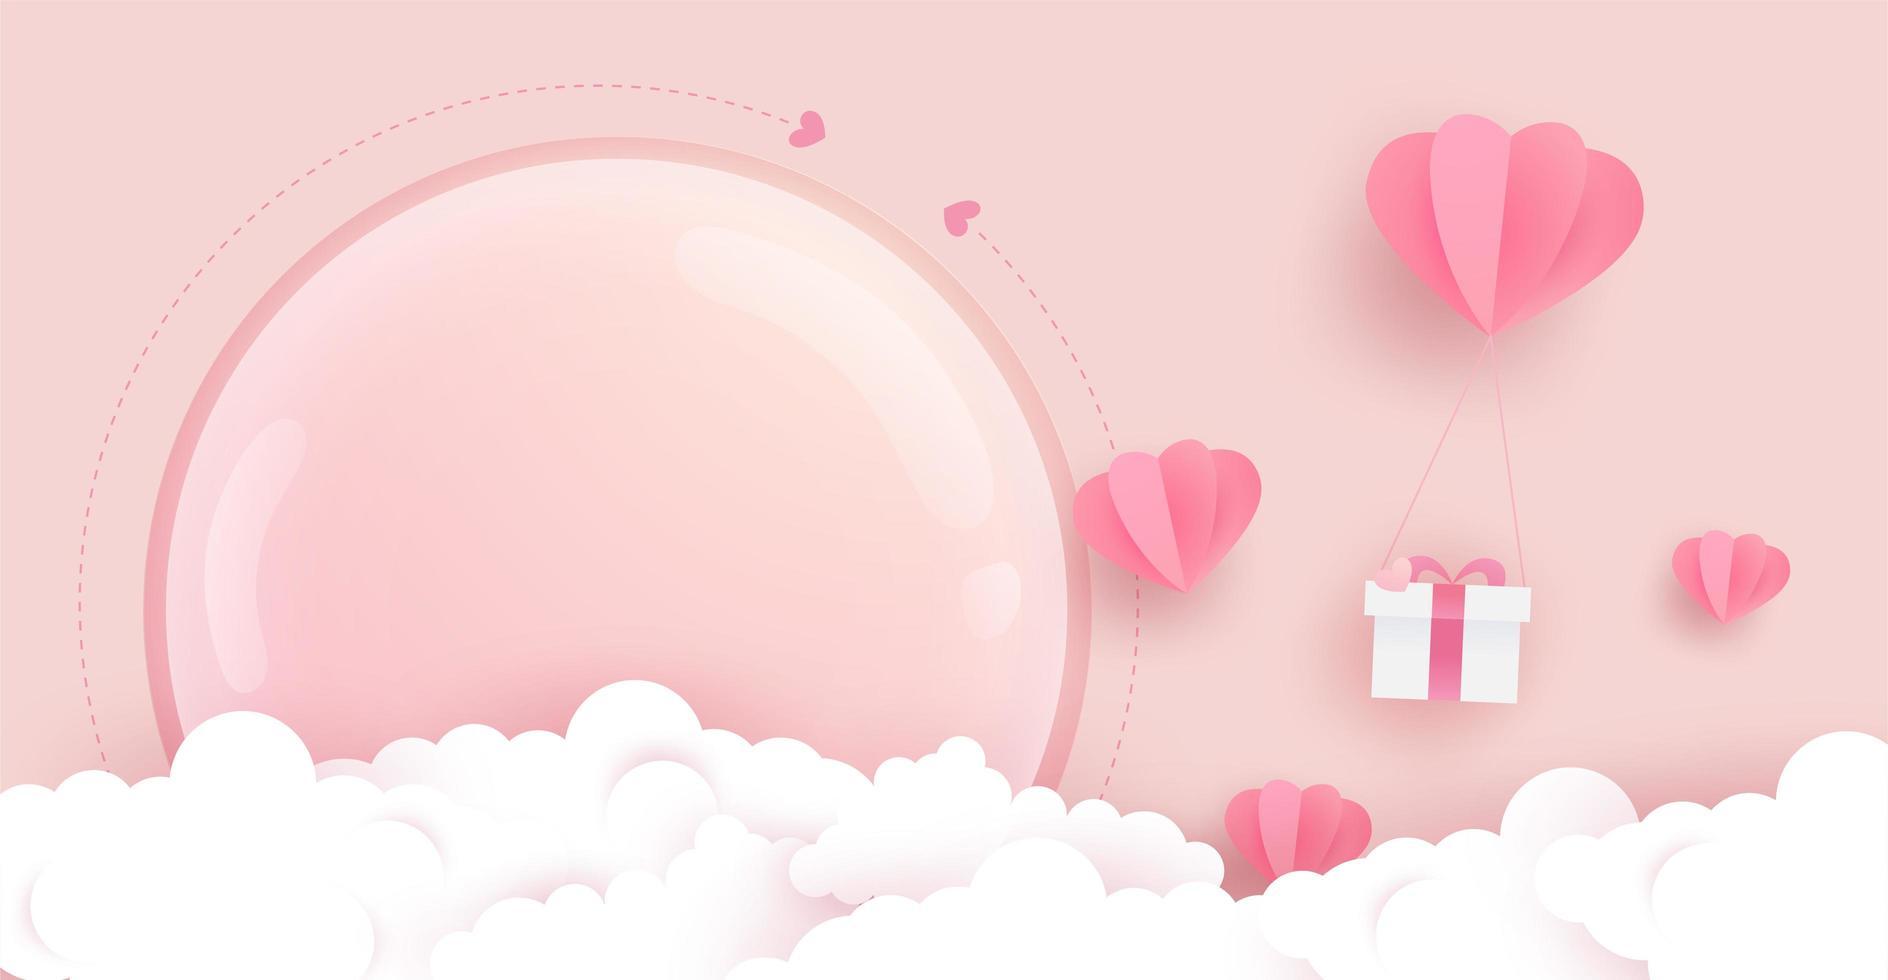 hart ballonnen, cadeau, wolken en glazen omslag poster vector